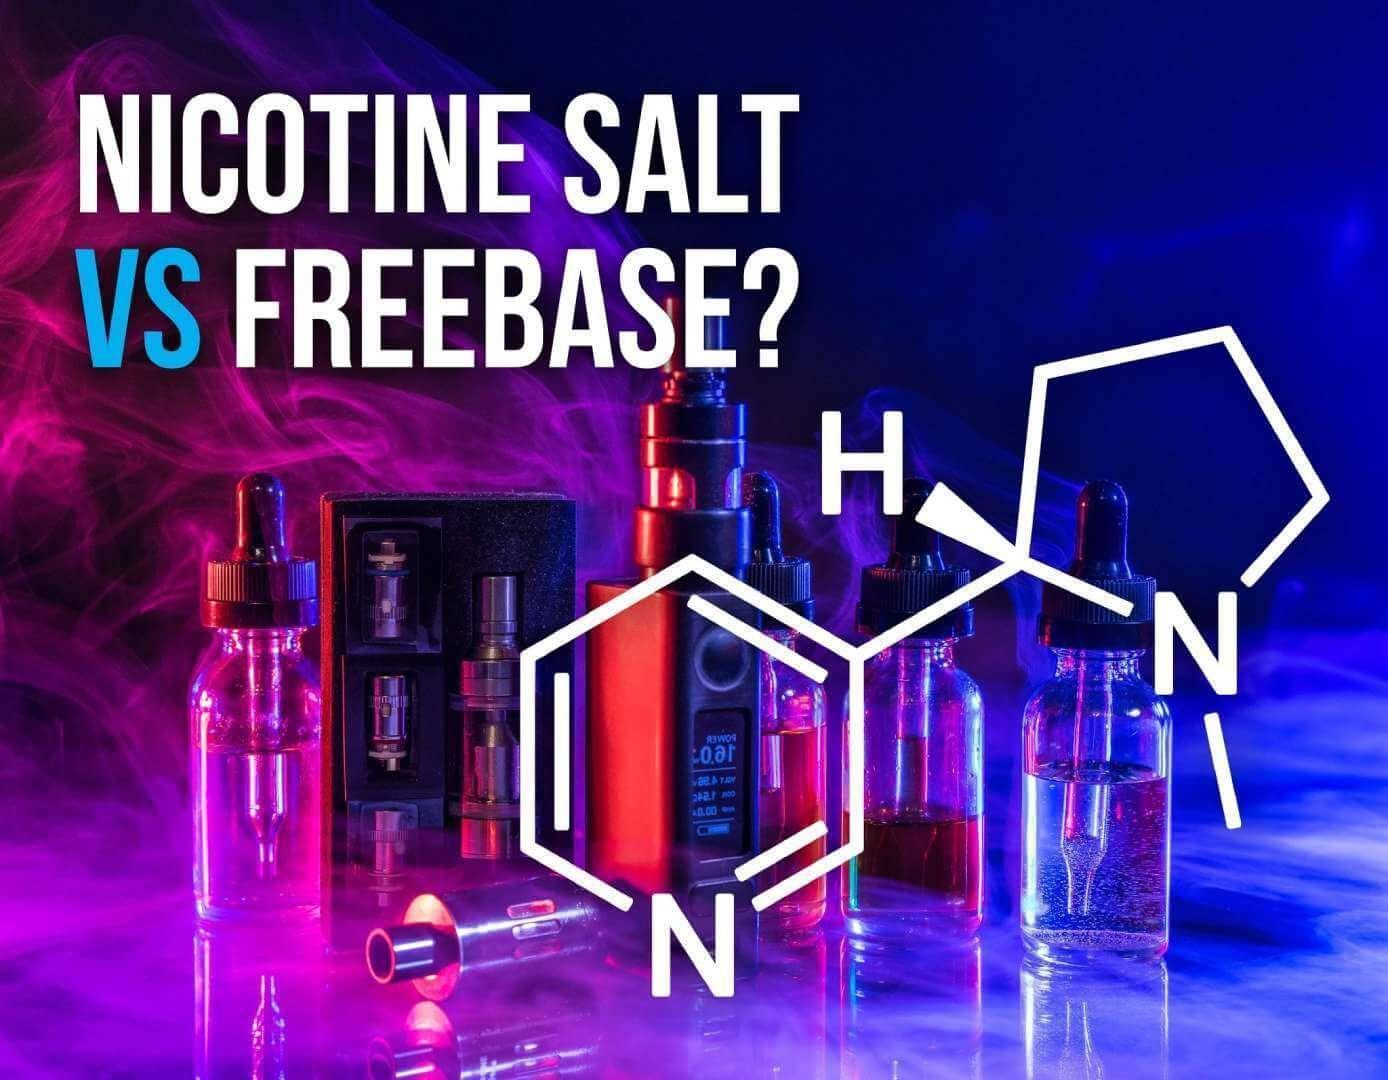 Essências diante de um fundo azul e a fórmula química da nicotina composição dos juices